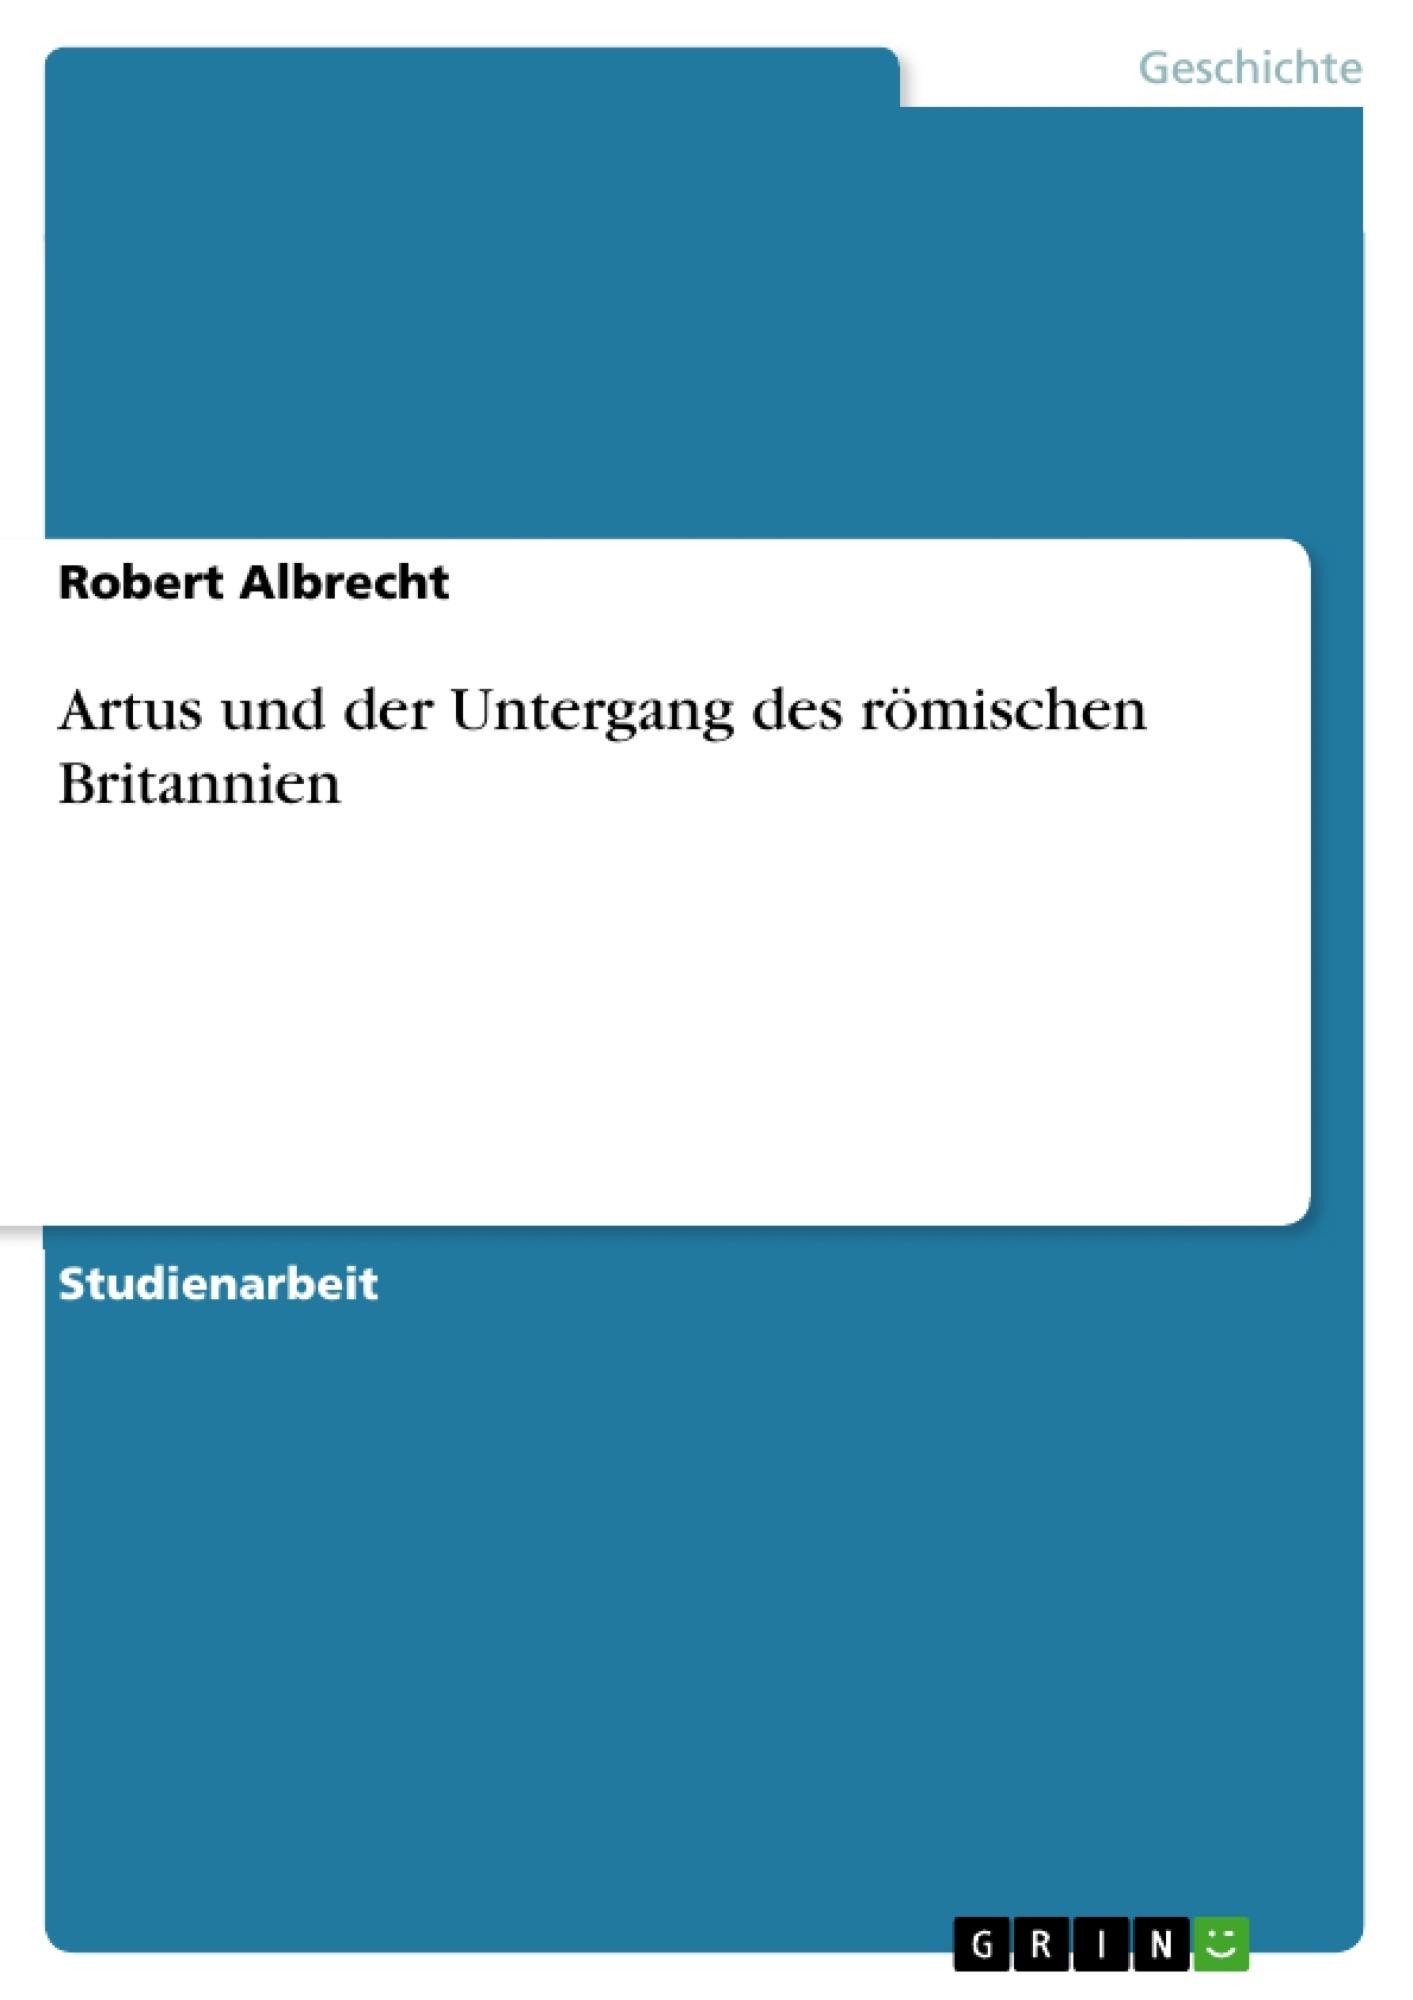 Titel: Artus und der Untergang des römischen Britannien